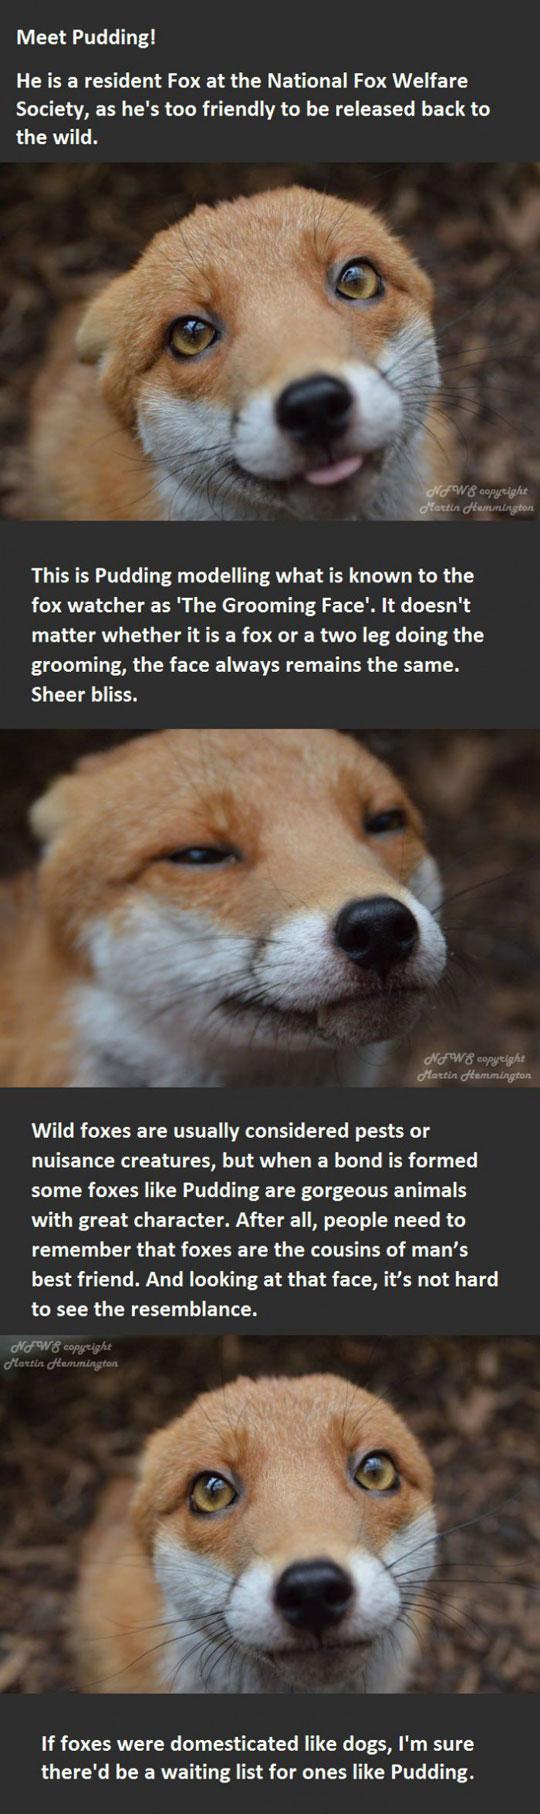 cool-cute-domestic-fox-Pudding